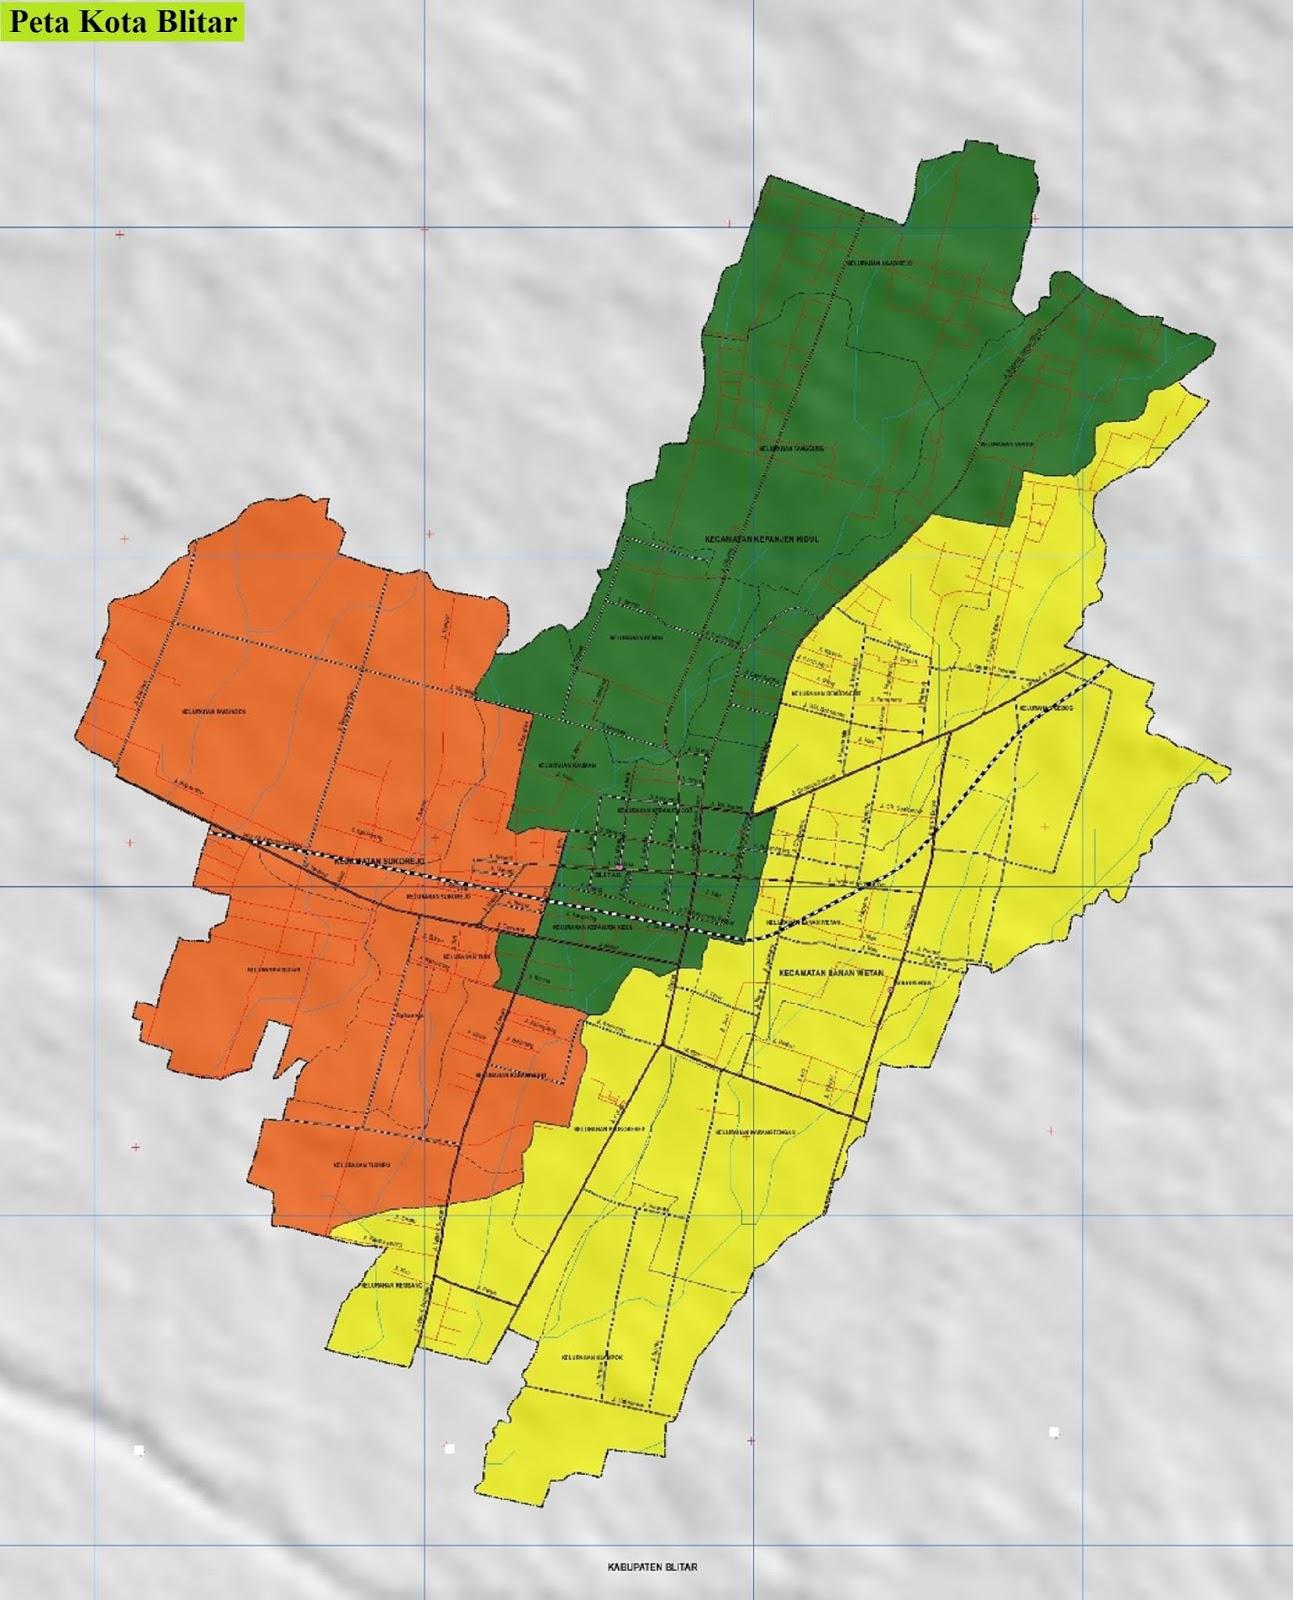 Peta Kota Blitar